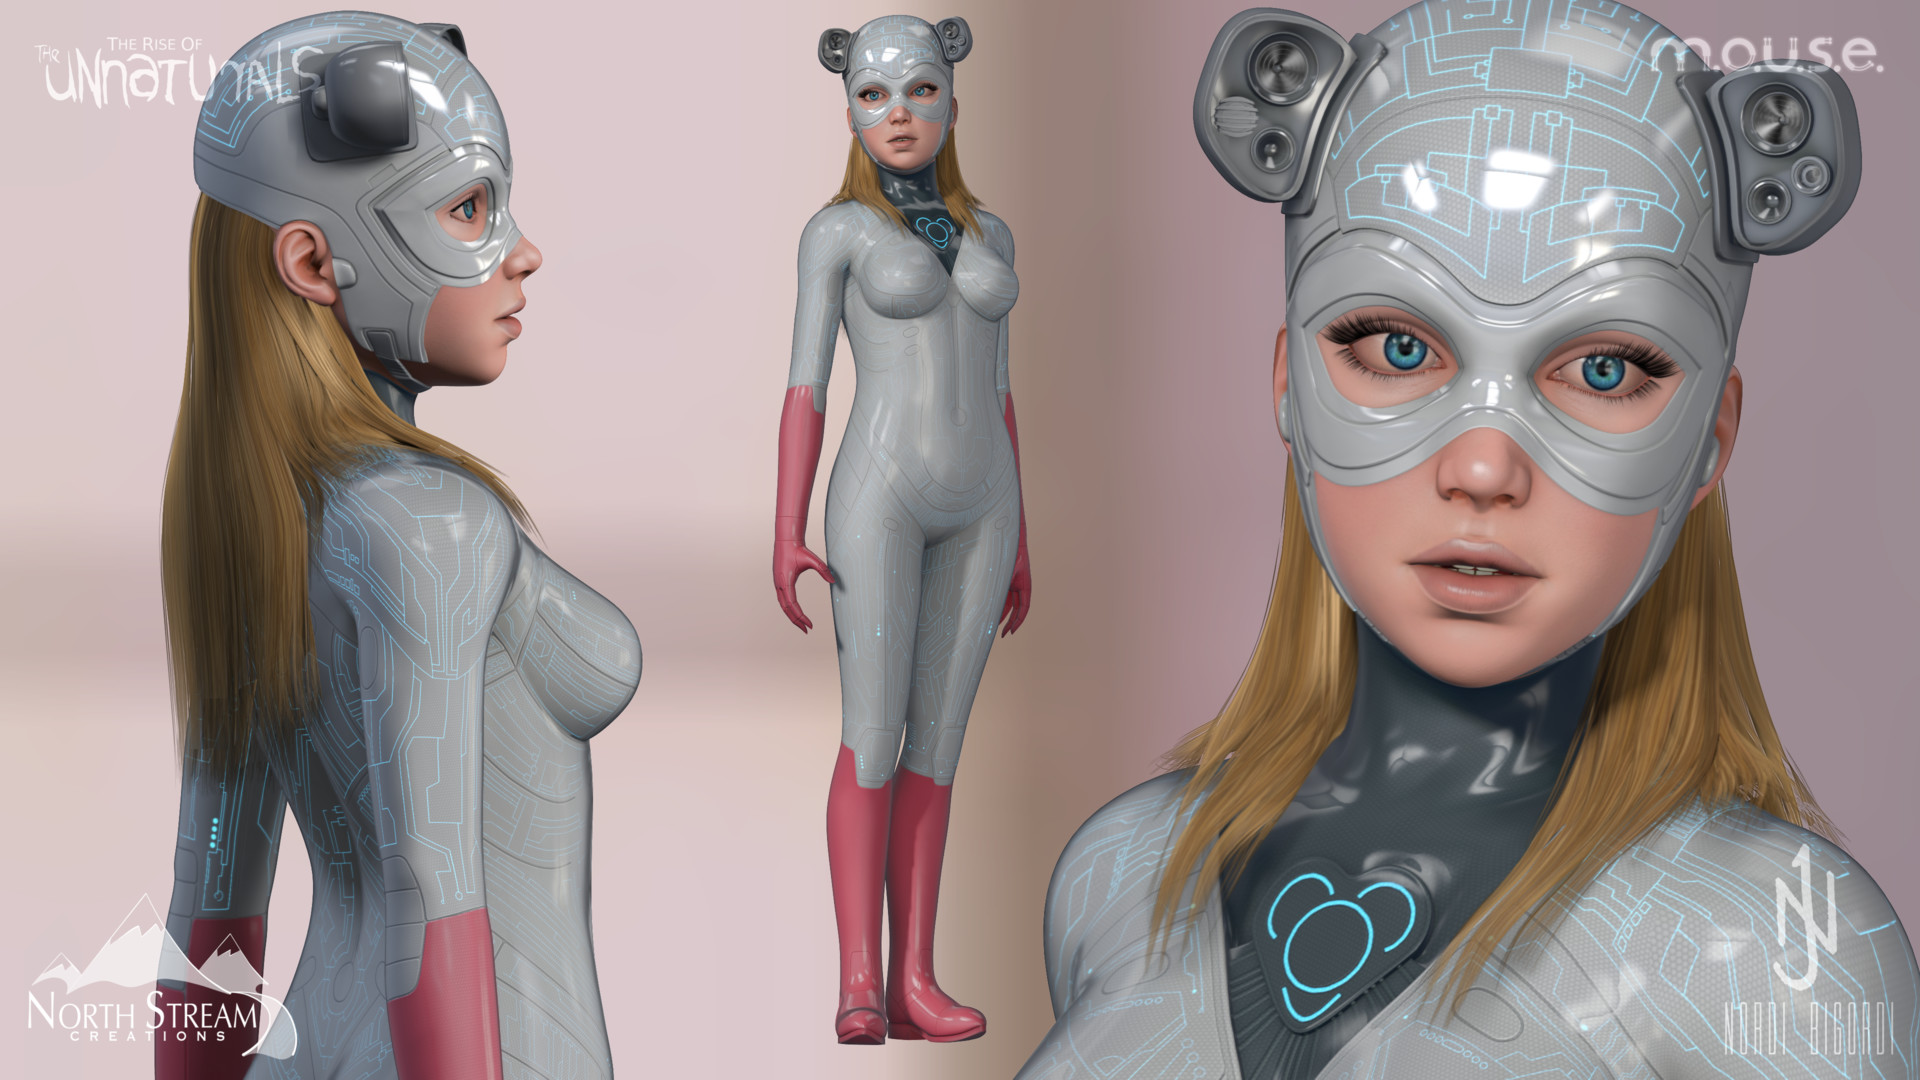 https://cdna.artstation.com/p/assets/images/images/007/237/010/large/jayson-nordstrom-img-mousepresentation.jpg?1504684564